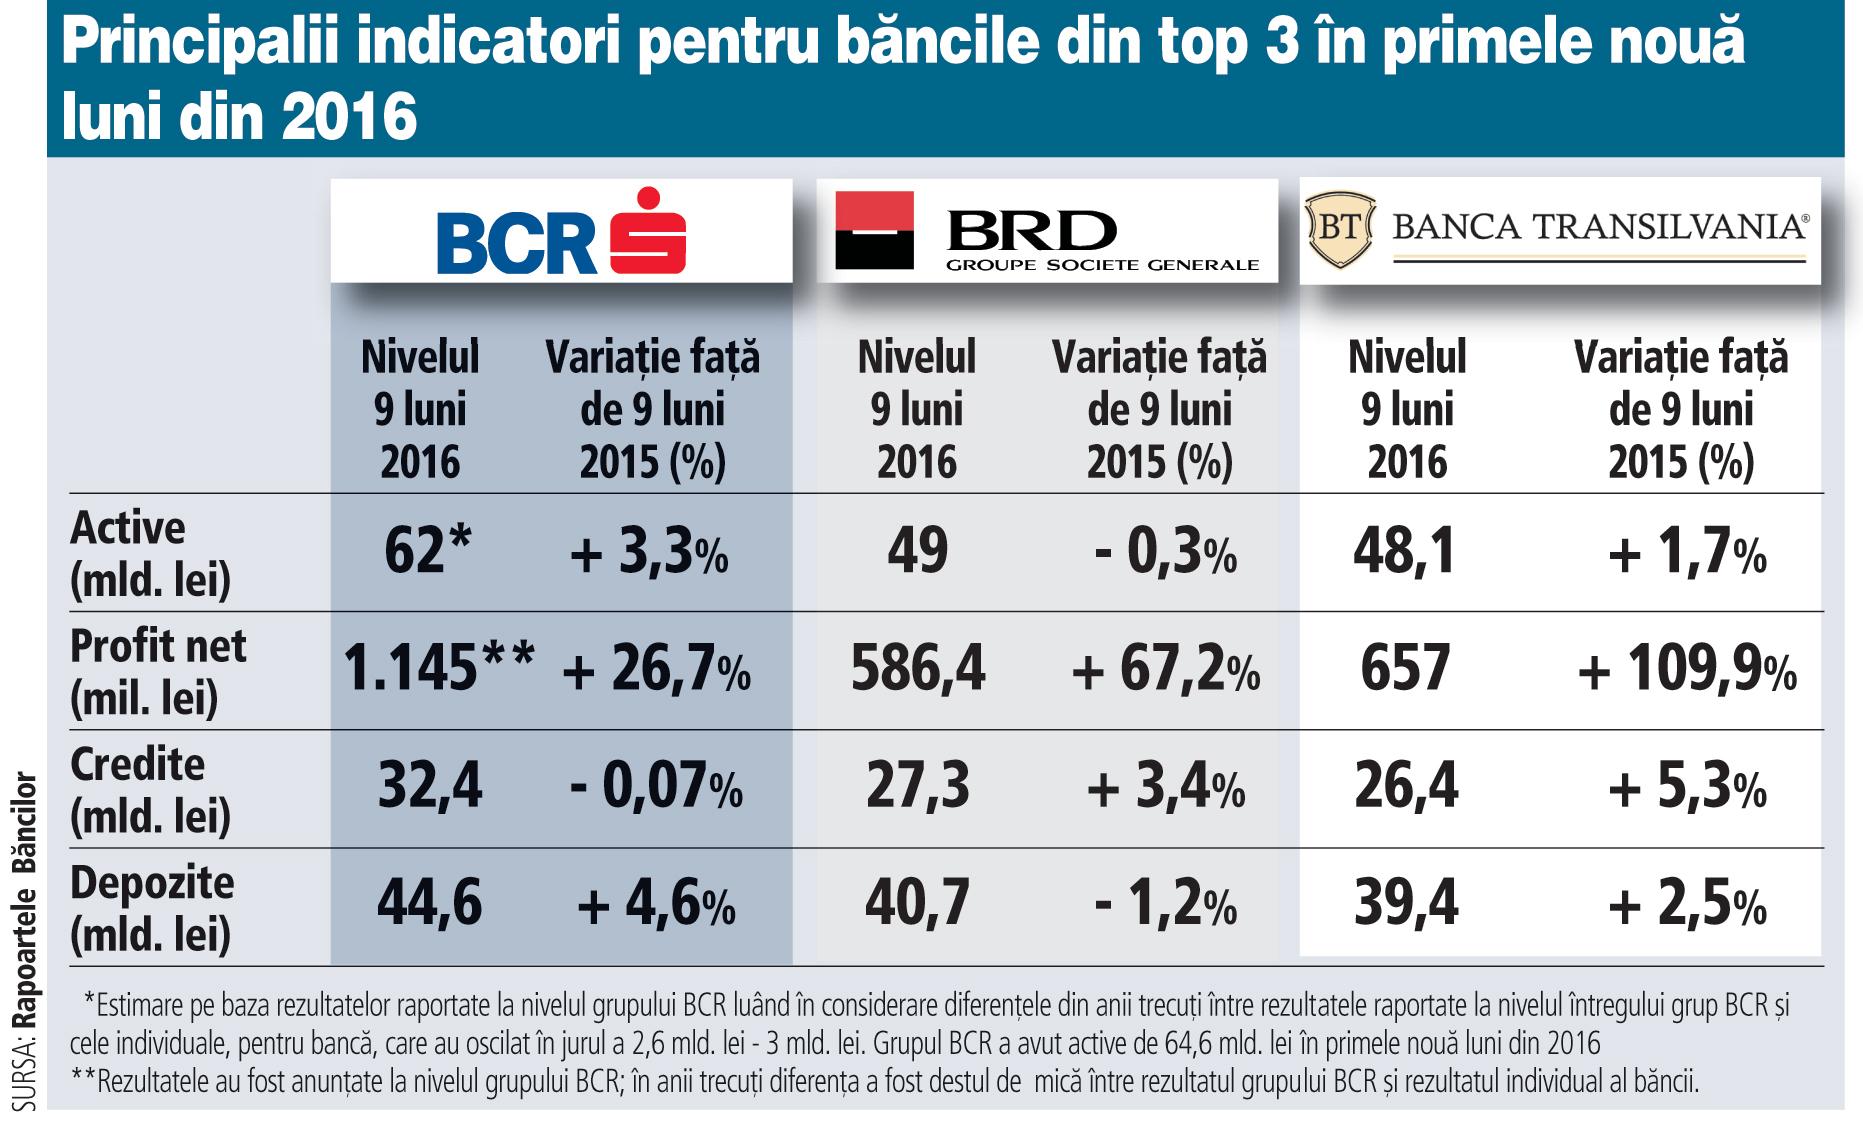 Profiturile cumulate ale primelor trei bănci din România - BCR, BRD şi Banca Transilvania - au fost de circa 2,4 mld. lei în primele nouă luni din 2016